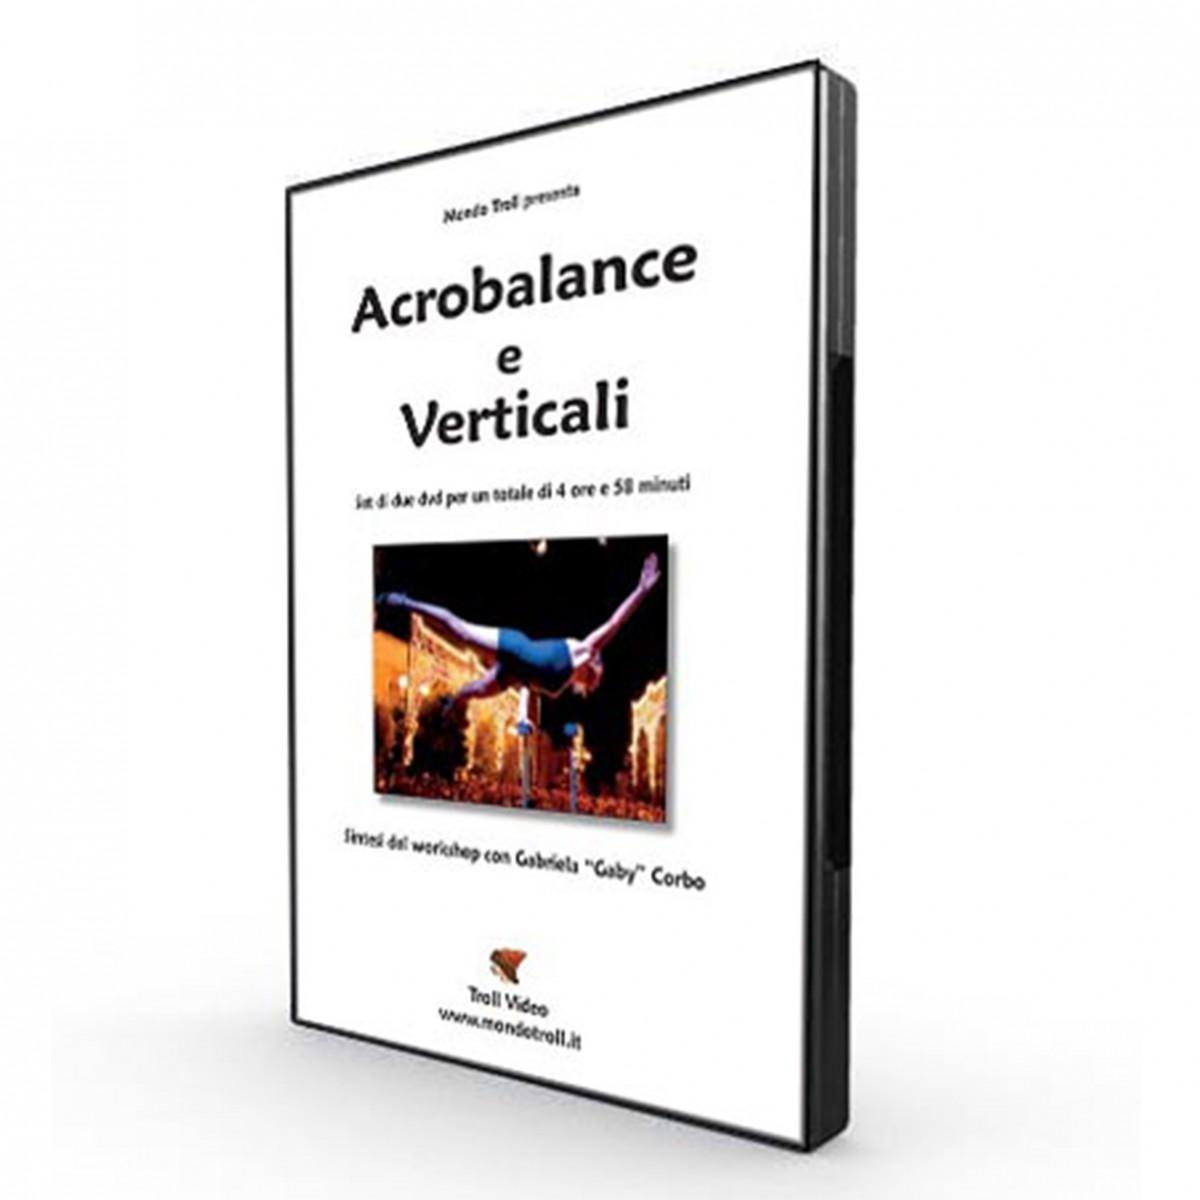 DVD Acrobalance e Verticali